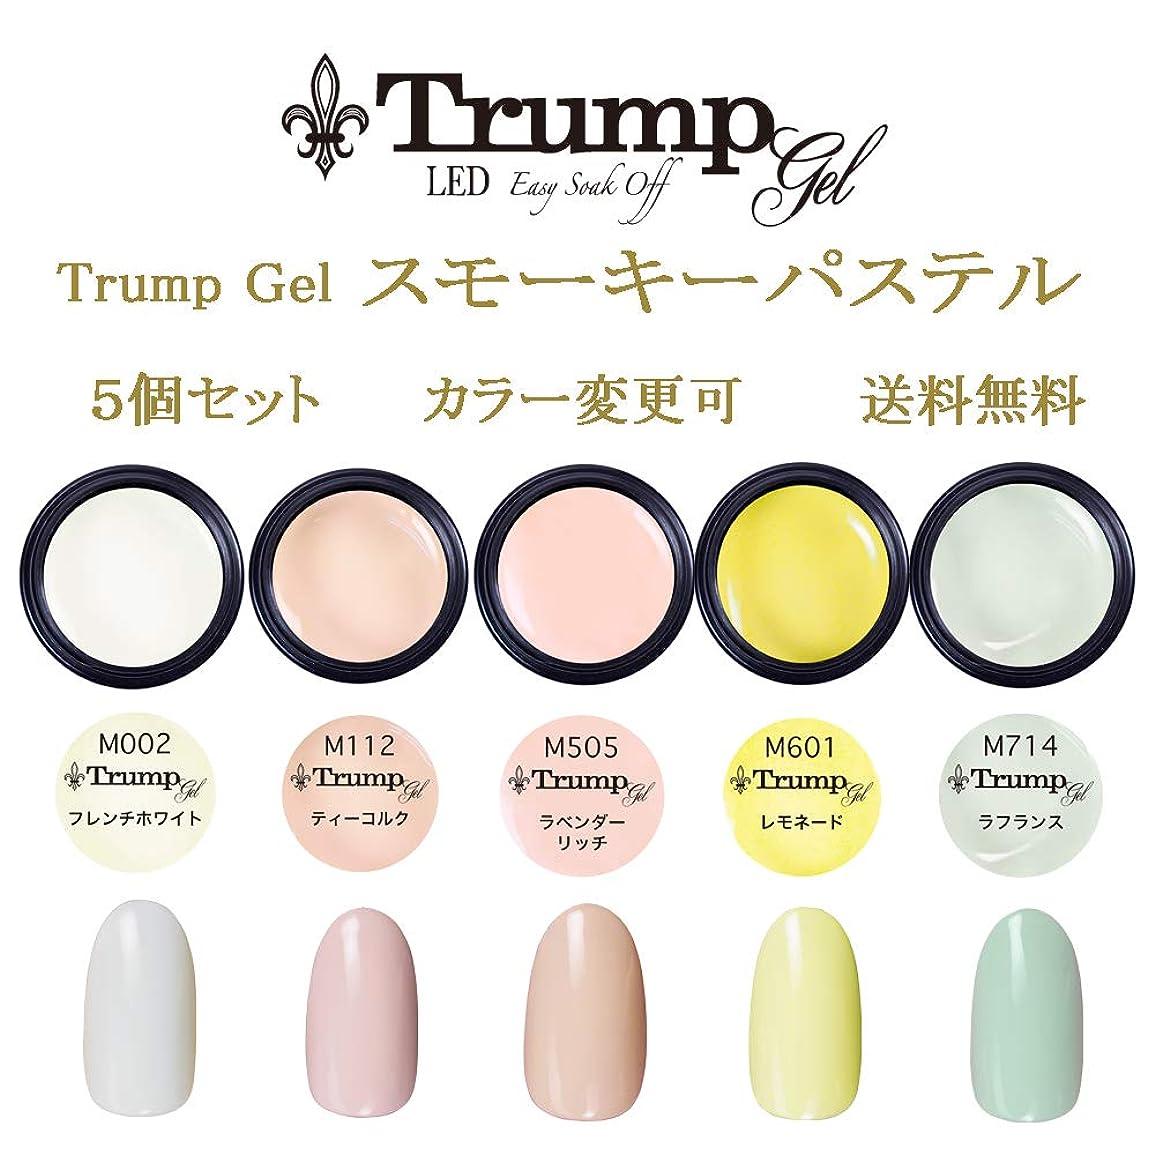 クランシー休みラジエーター日本製 Trump gel トランプジェル スモーキー パステルカラー 選べる カラージェル5個セット ホワイト ベージュ ピンク イエロー グリーン